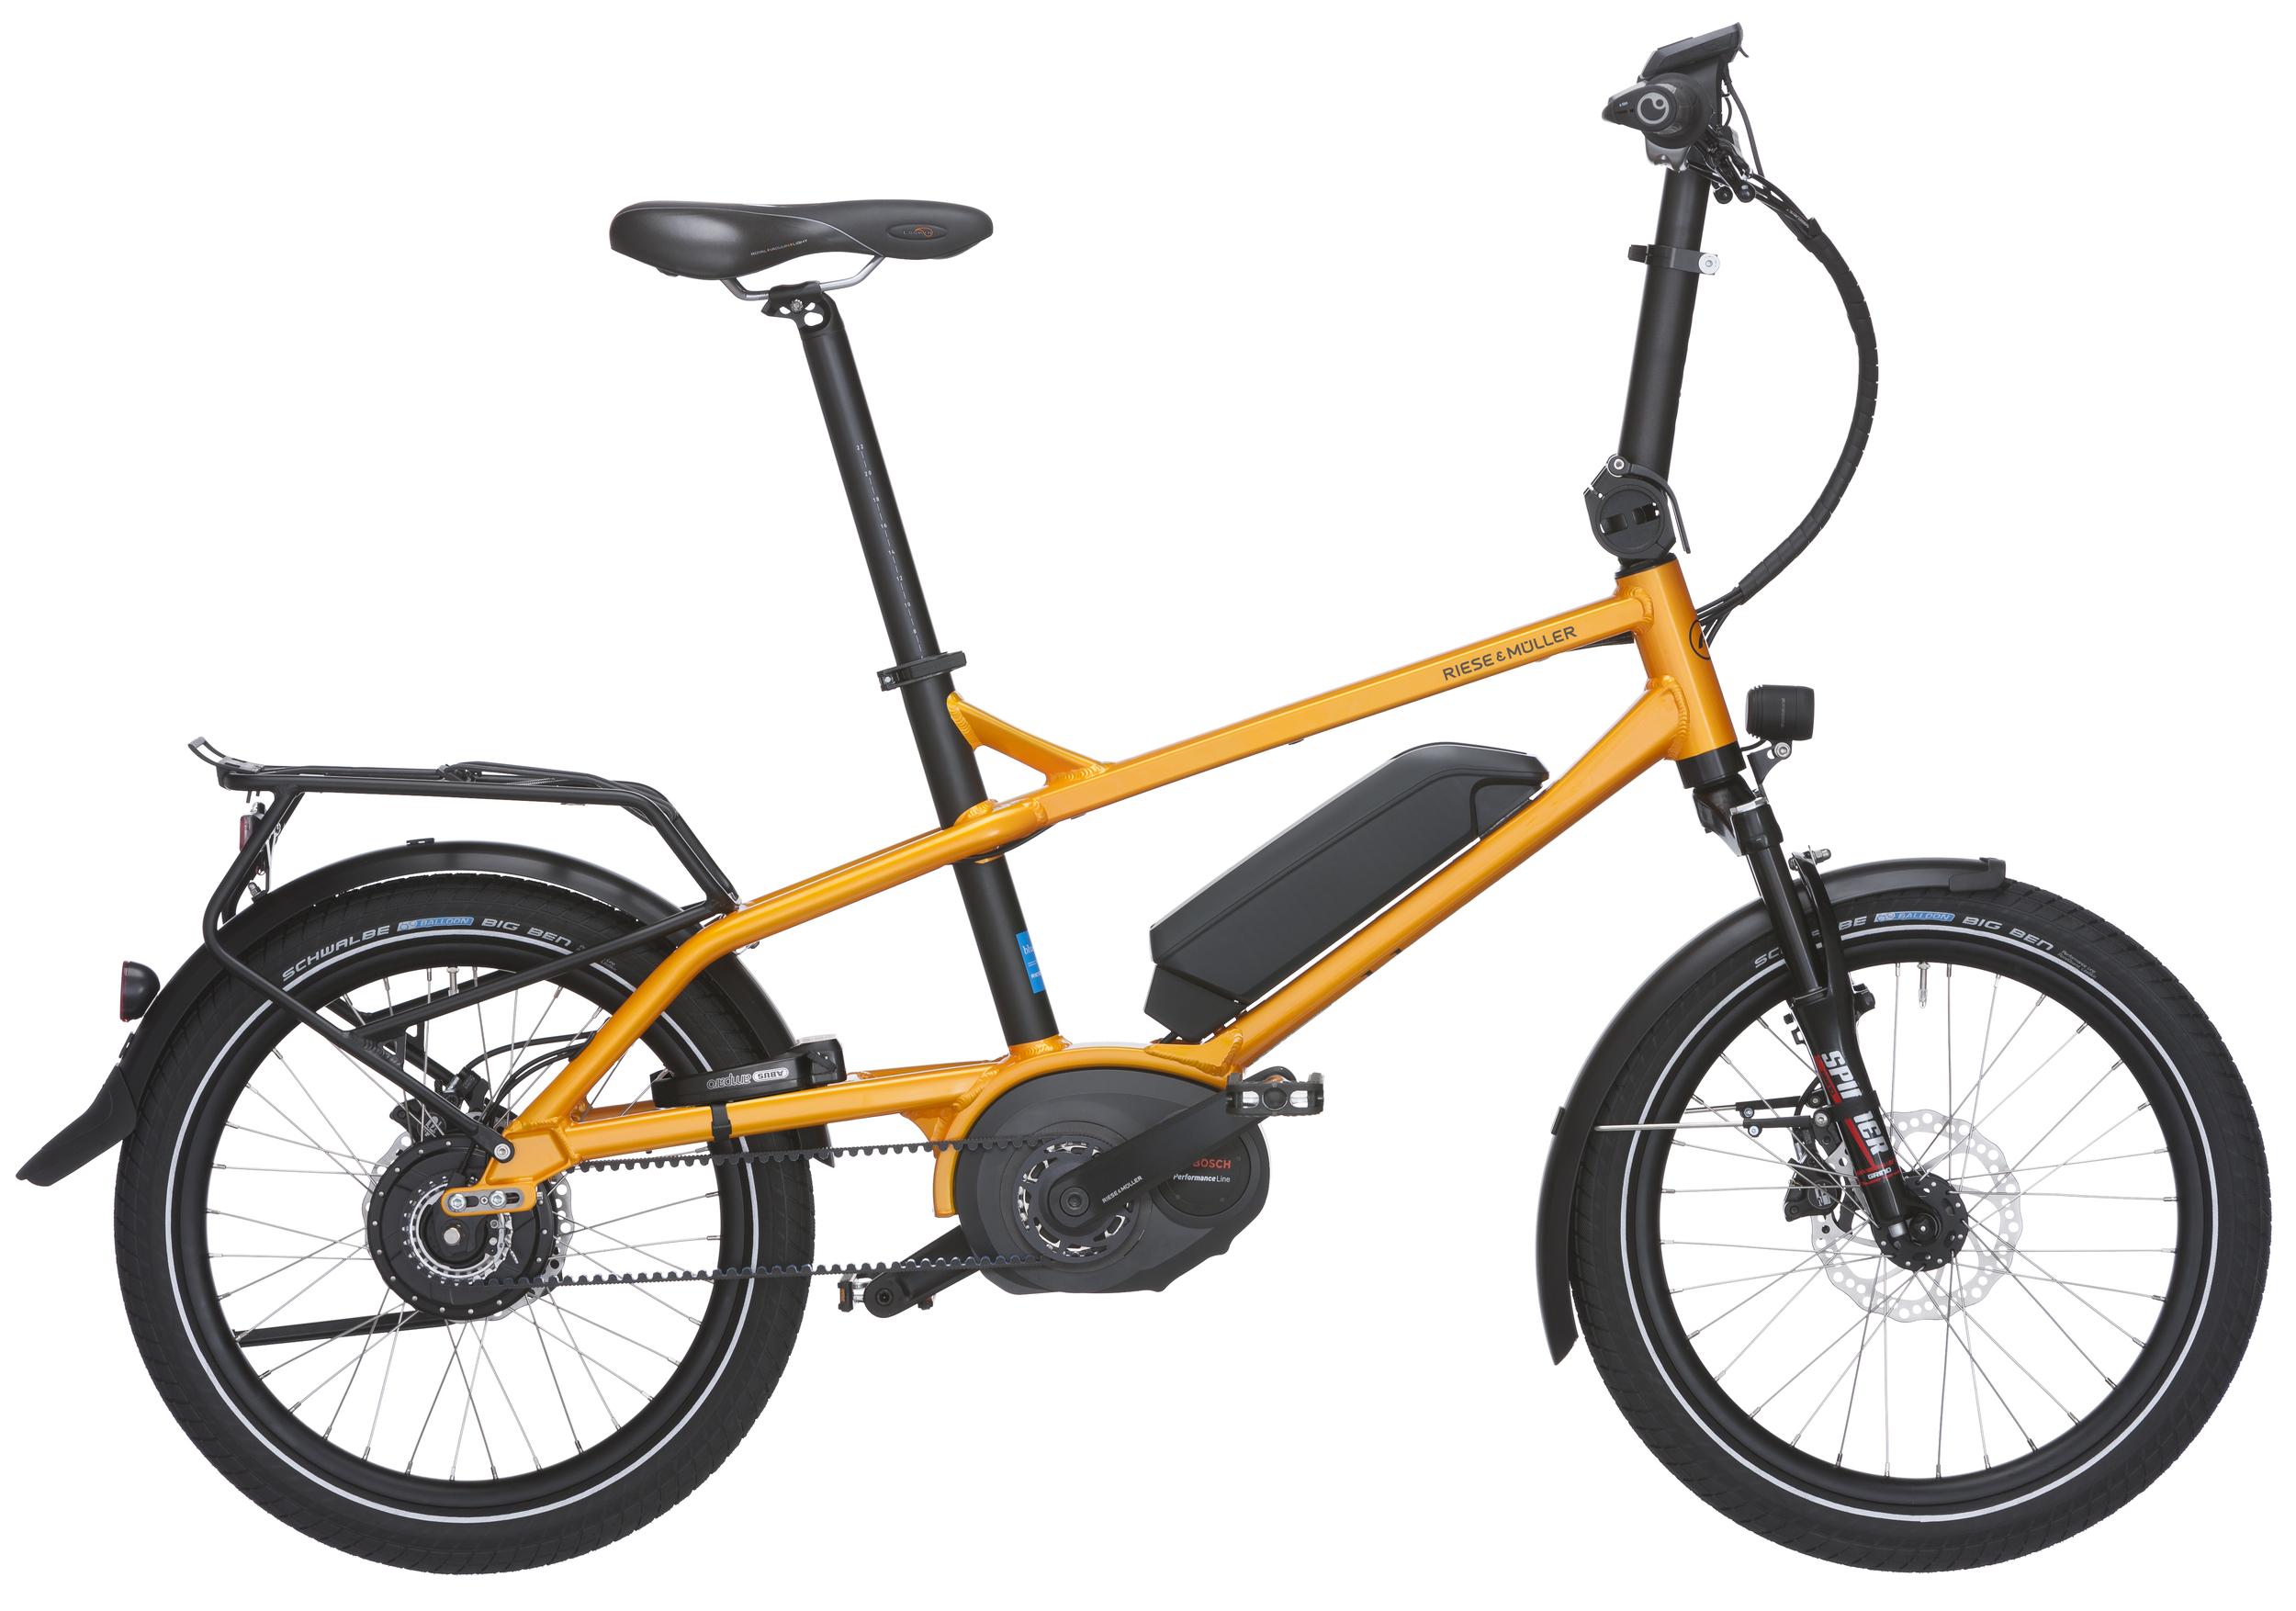 """Riese&Müller Tinker : cyan / schwarz / orange: Kompaktrad mit 20""""-Laufrädern für die unkomplizierte urbane Mobilität. Die 20"""" Version des erfolgreichen und """"red dot"""" design prämierten Modelles Charger. Immer mit Nabenschaltung ENVIOLO wartungsarm, Gates Riemenatrieb und BOSCH PerformanceCX Mittelmotor - dann noch 20Zoll Räder, klappbarer und höhenverstellbarer Lenker, lange Sattelstütze für alle Körpergrößen - ein genialer Wurf des R&M Entwicklerteams aus Darmstadt. Als Pedelec (ab 3899,-€) wie auch als S-Pedelec (HS- Modell) möglich (3999,-€). —-  BEI UNS AB 2999,-"""